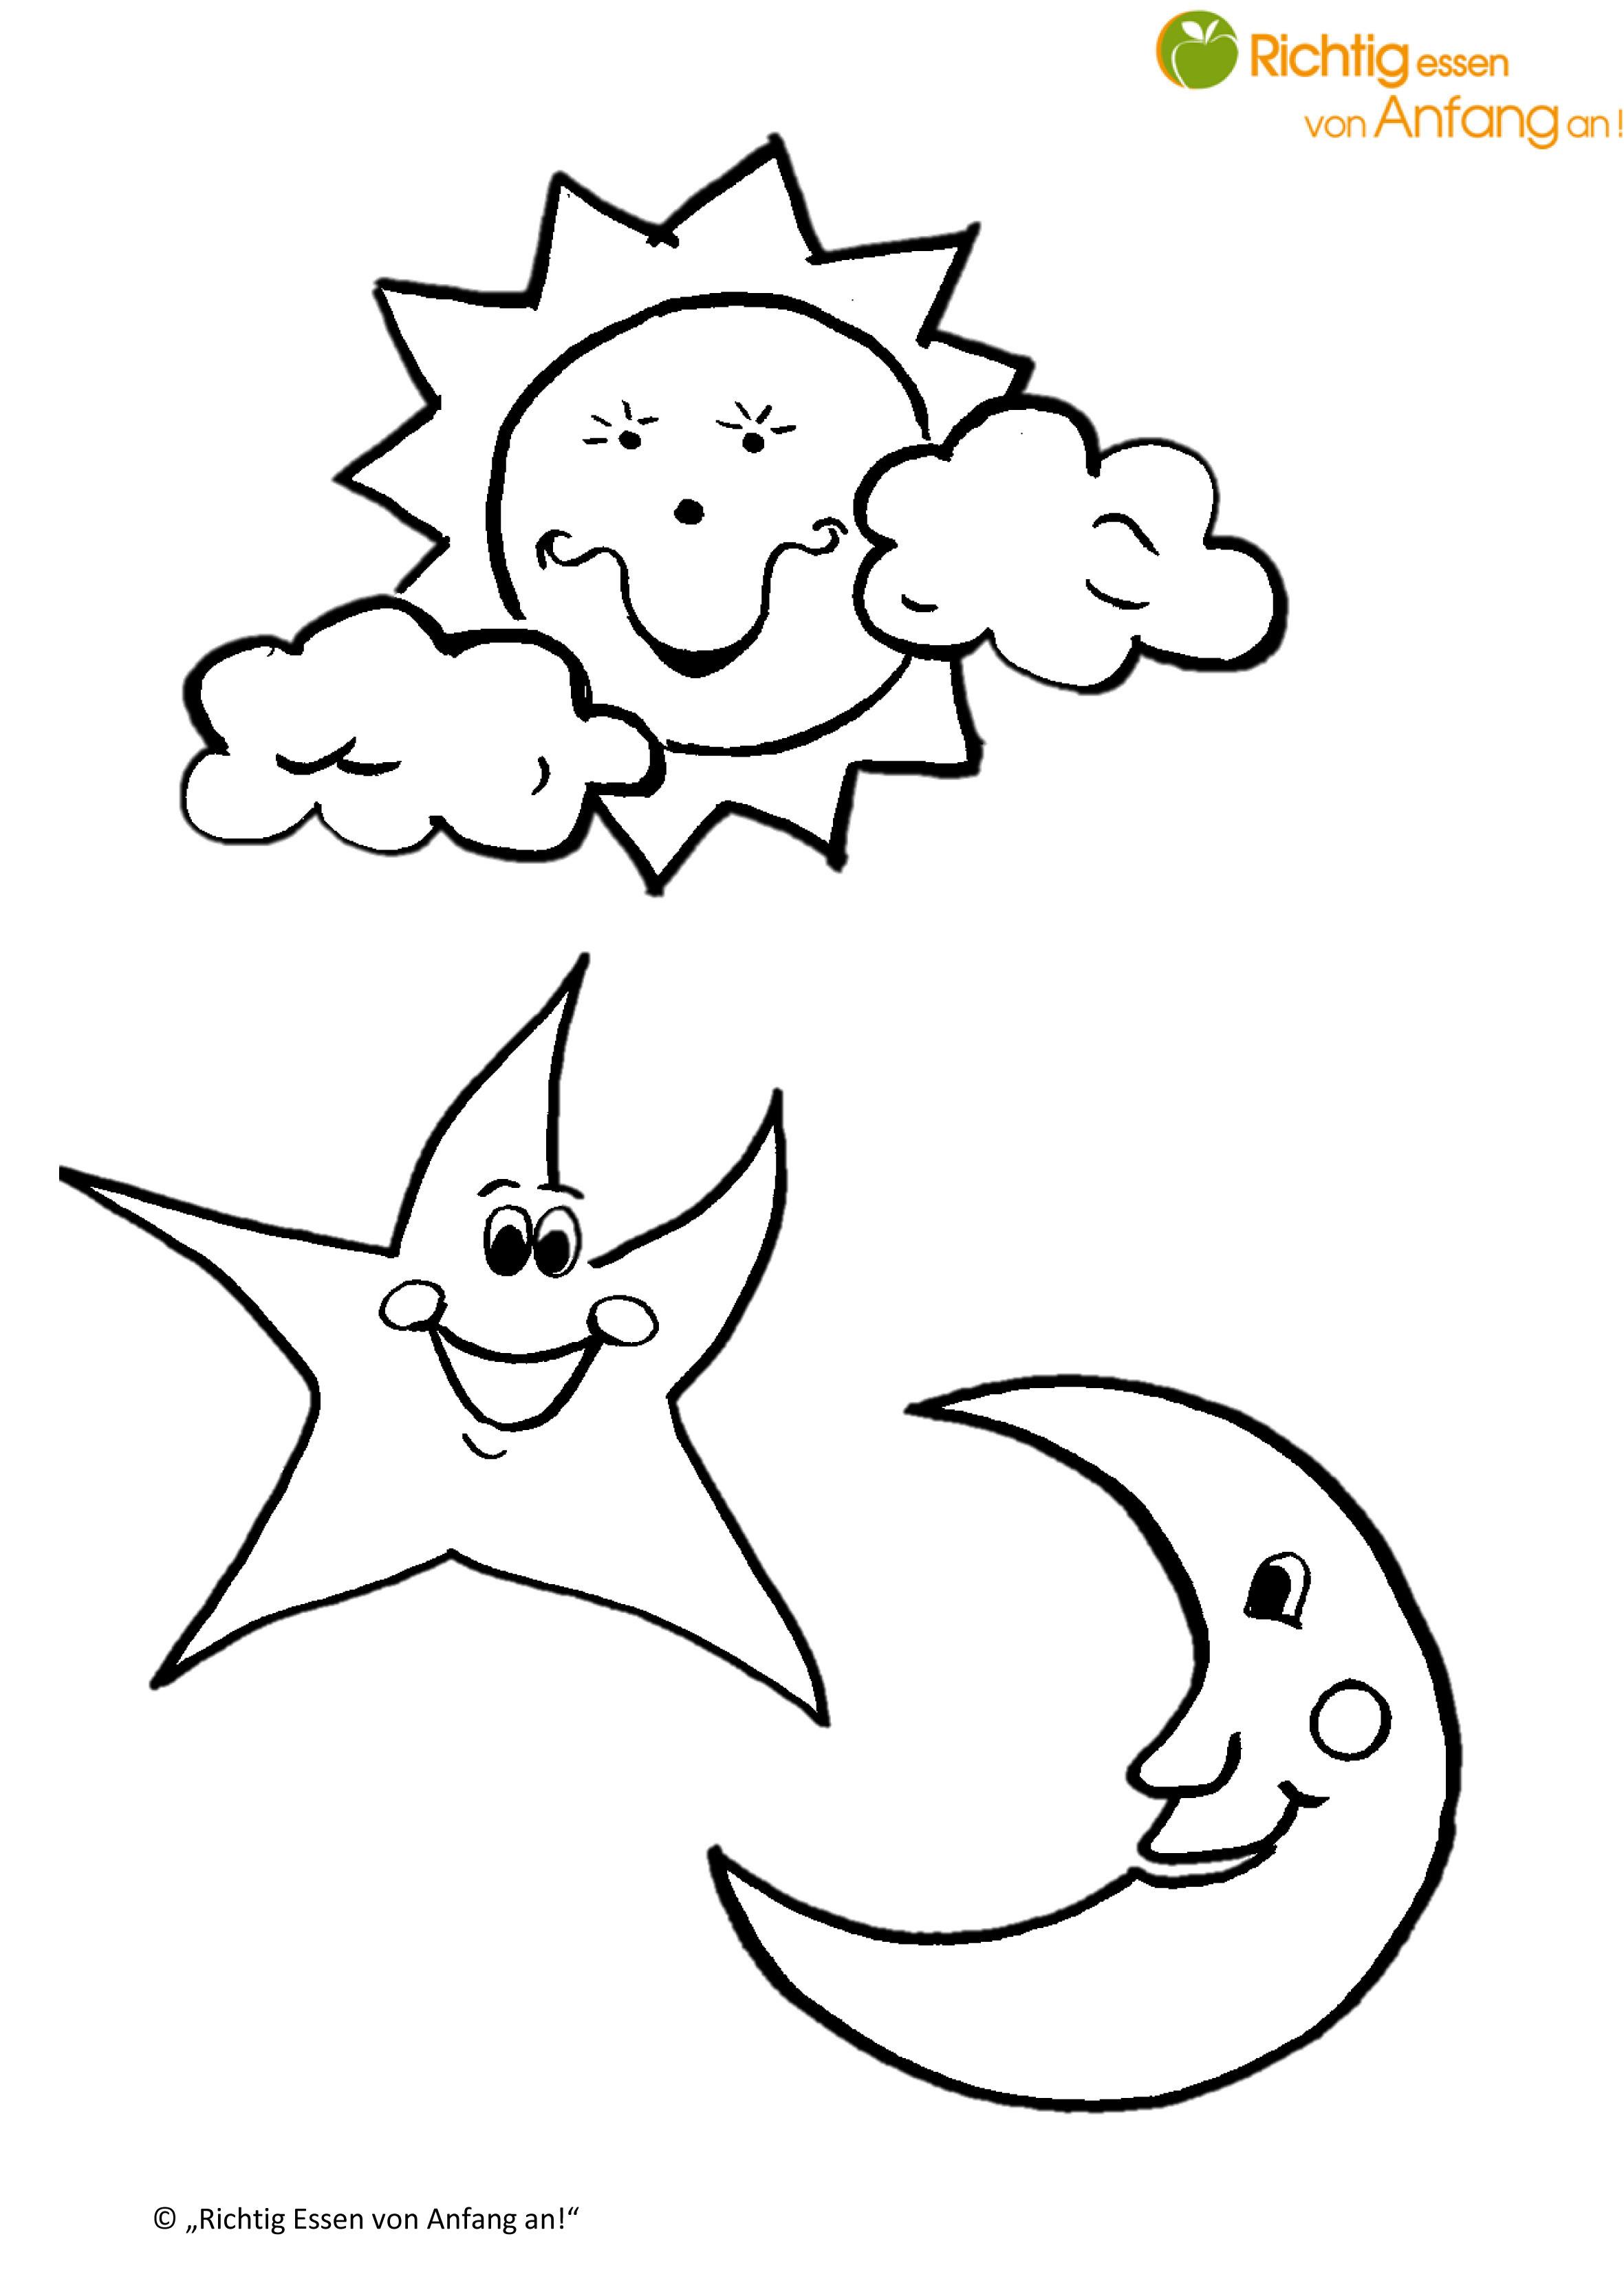 Pokemon sonne Und Mond Ausmalbilder Neu 38 Mond Und Sterne Ausmalbilder Scoredatscore Einzigartig Pokemon Sammlung